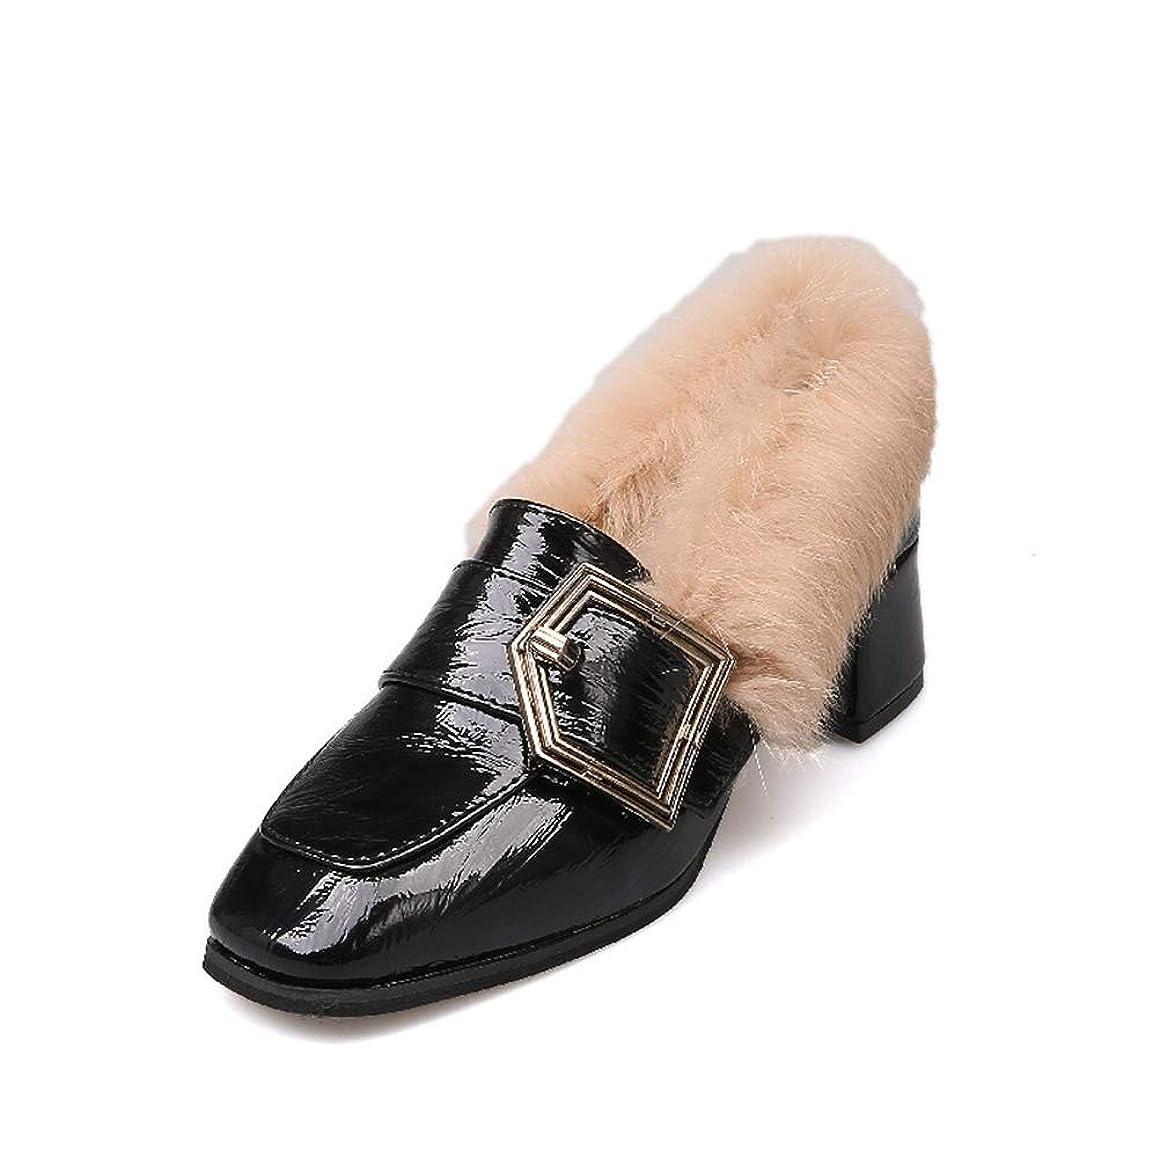 純粋なましいバッテリー[THLD] モカシン ローファー ショートブーツ ブーティ パンプス 靴 シューズ ぺたんこ 太ヒール チャンキーヒール もこもこ ファー付き バックル エナメル ベルト付き 30代 40代 50代 母親 ママ 大人 暖かい 柔らかい レディース 秋 冬